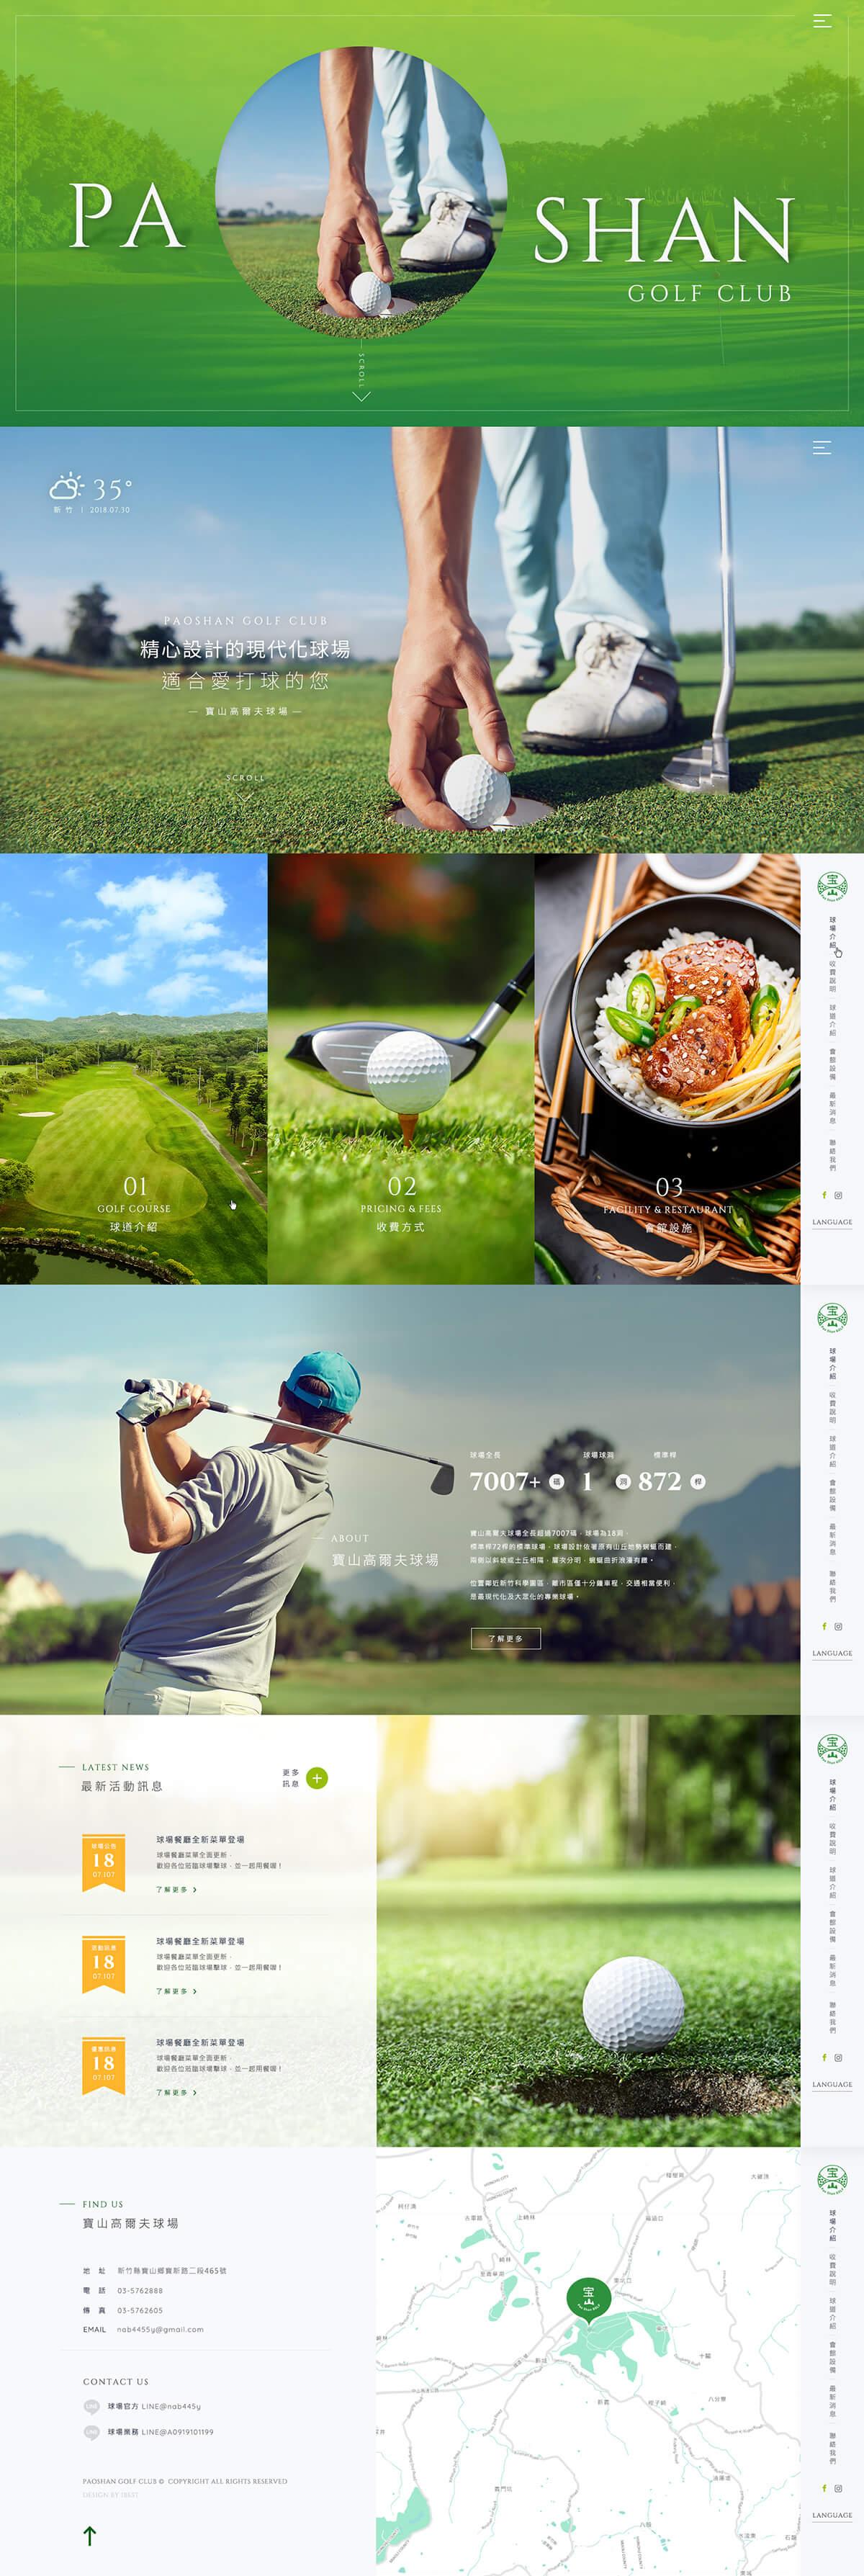 寶山高爾夫-網頁設計